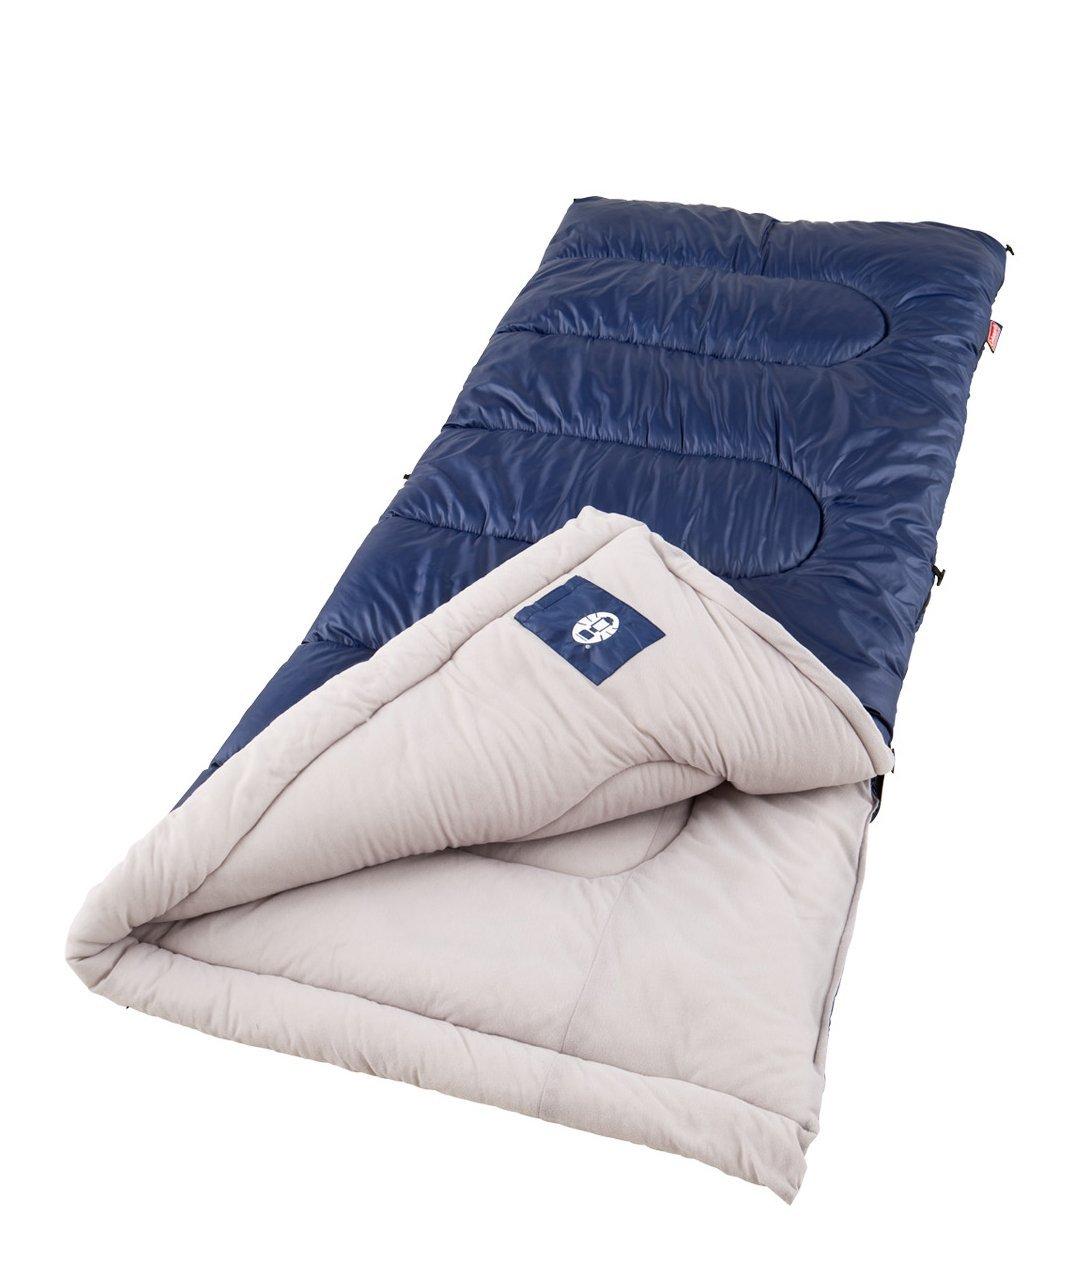 Coleman Brazos Sleeping Bag $14.39 sss eligible @ amazon